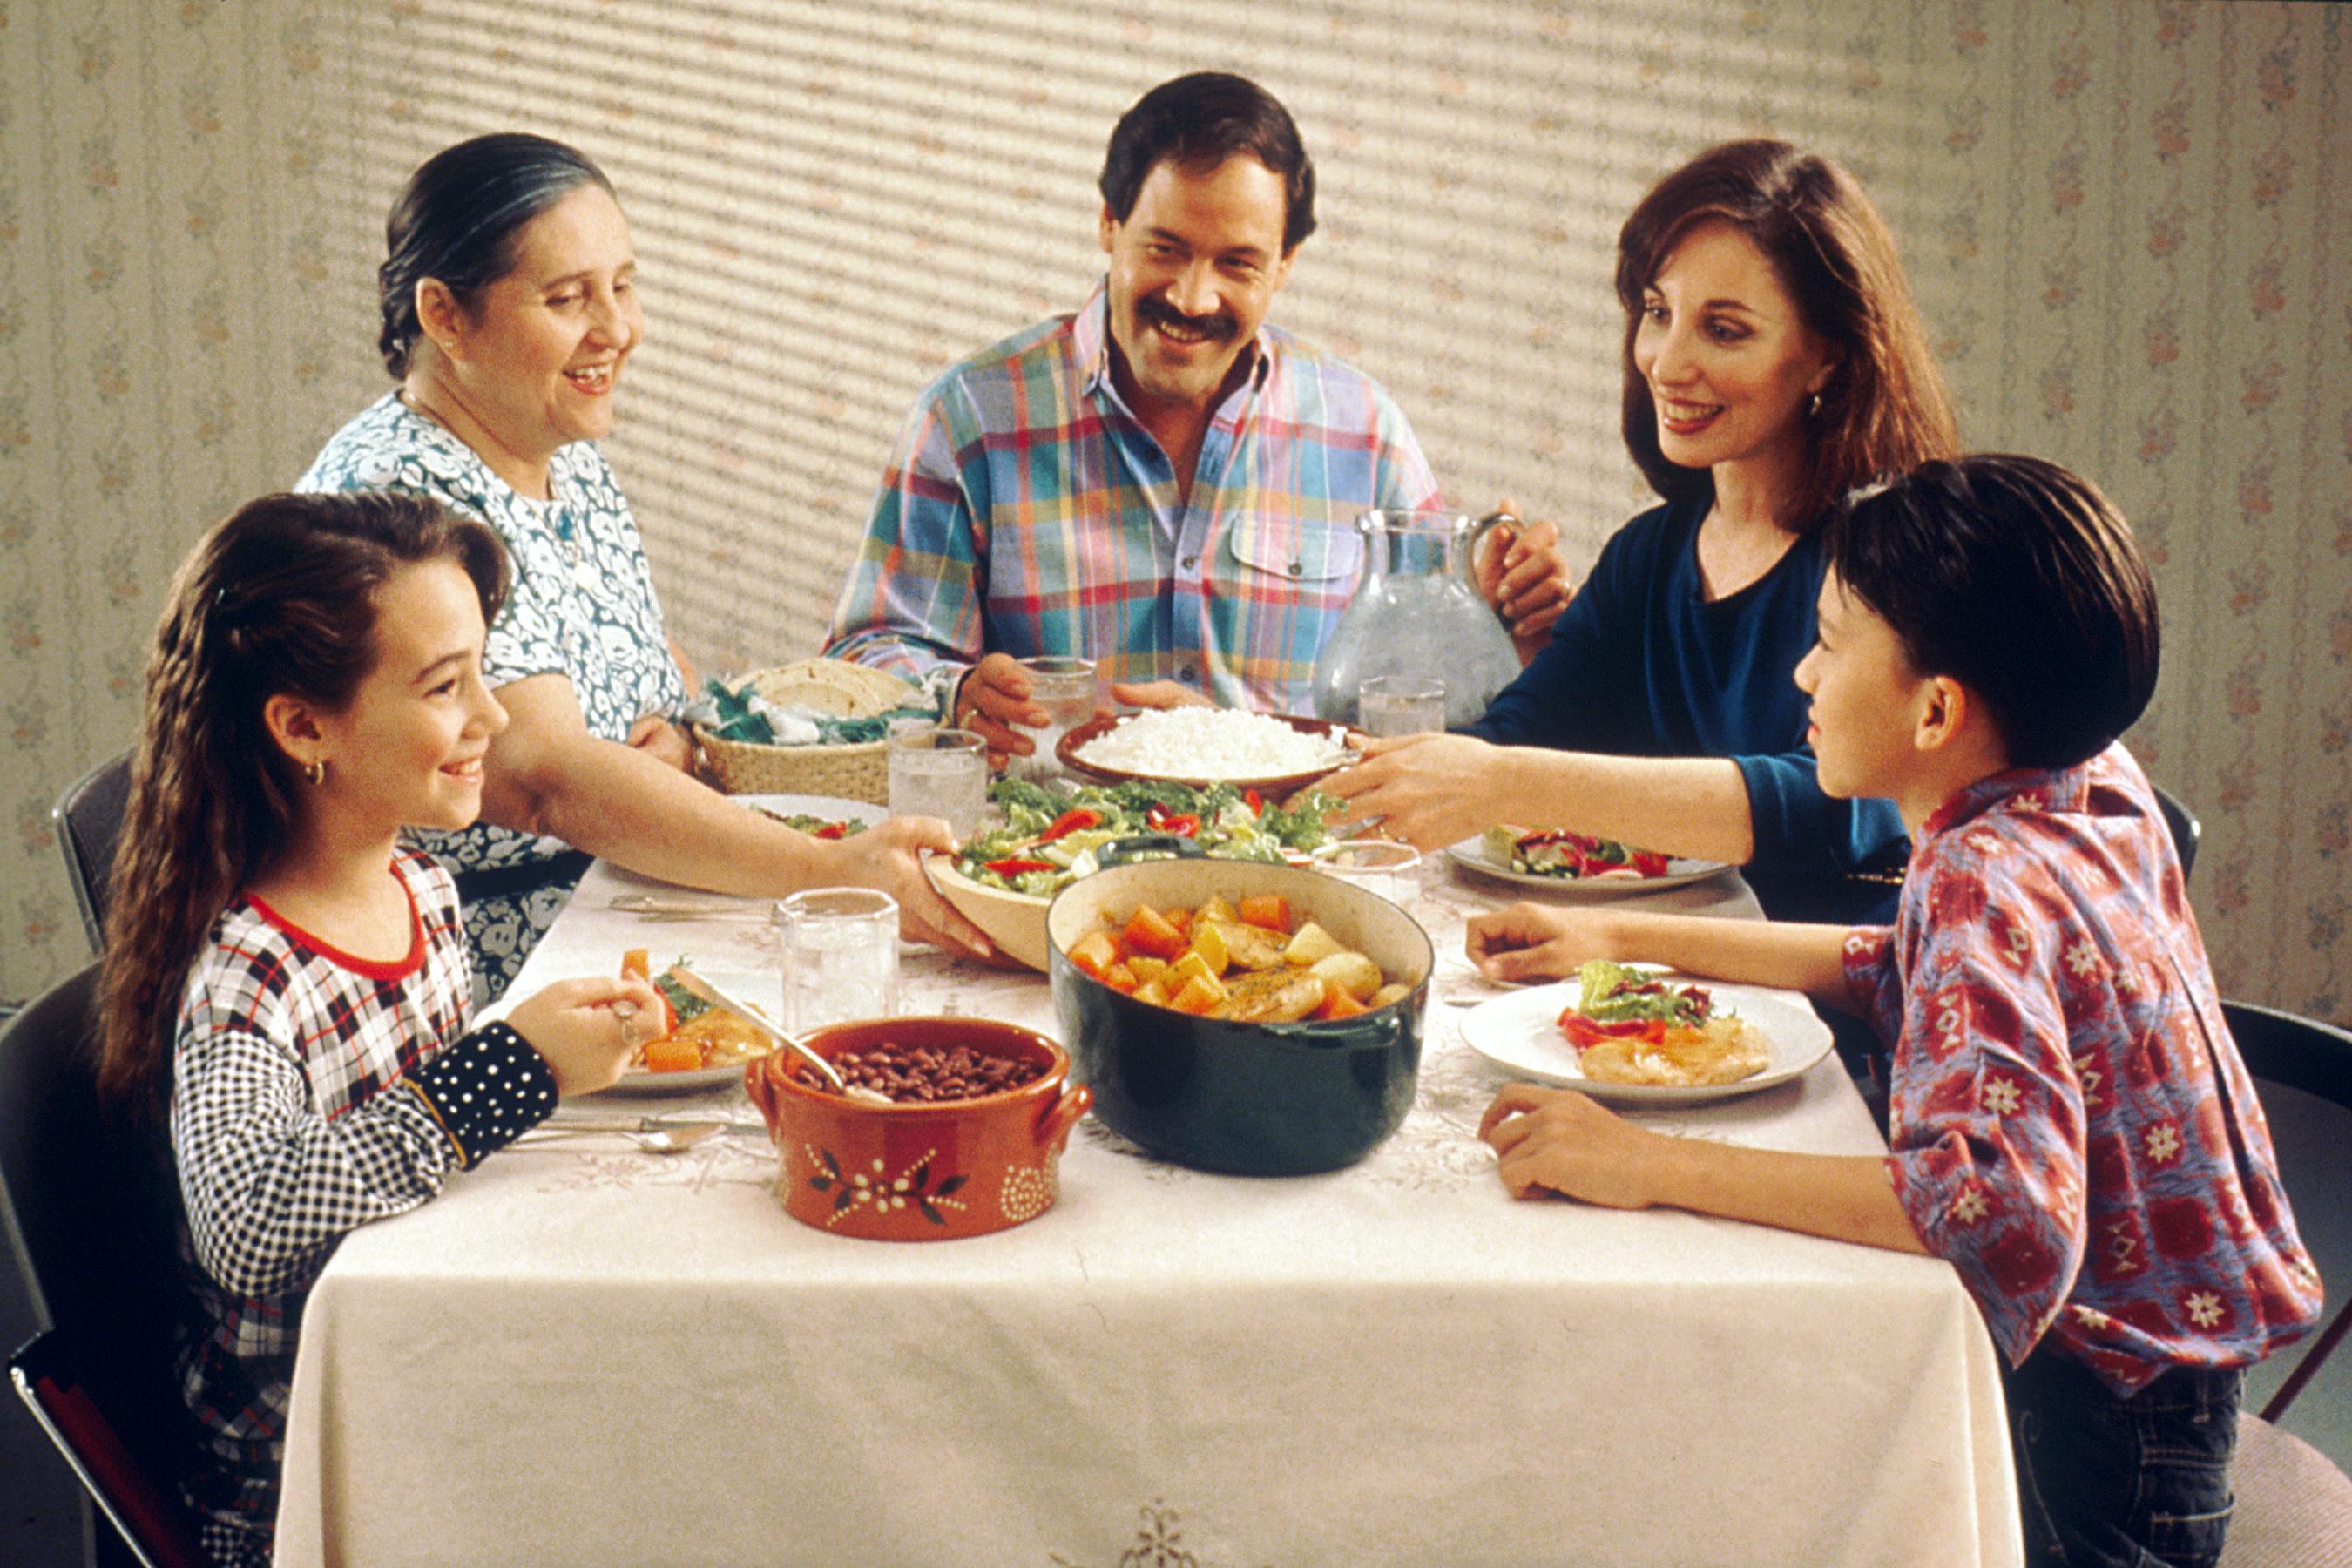 Зачем нужны семейные трапезы?